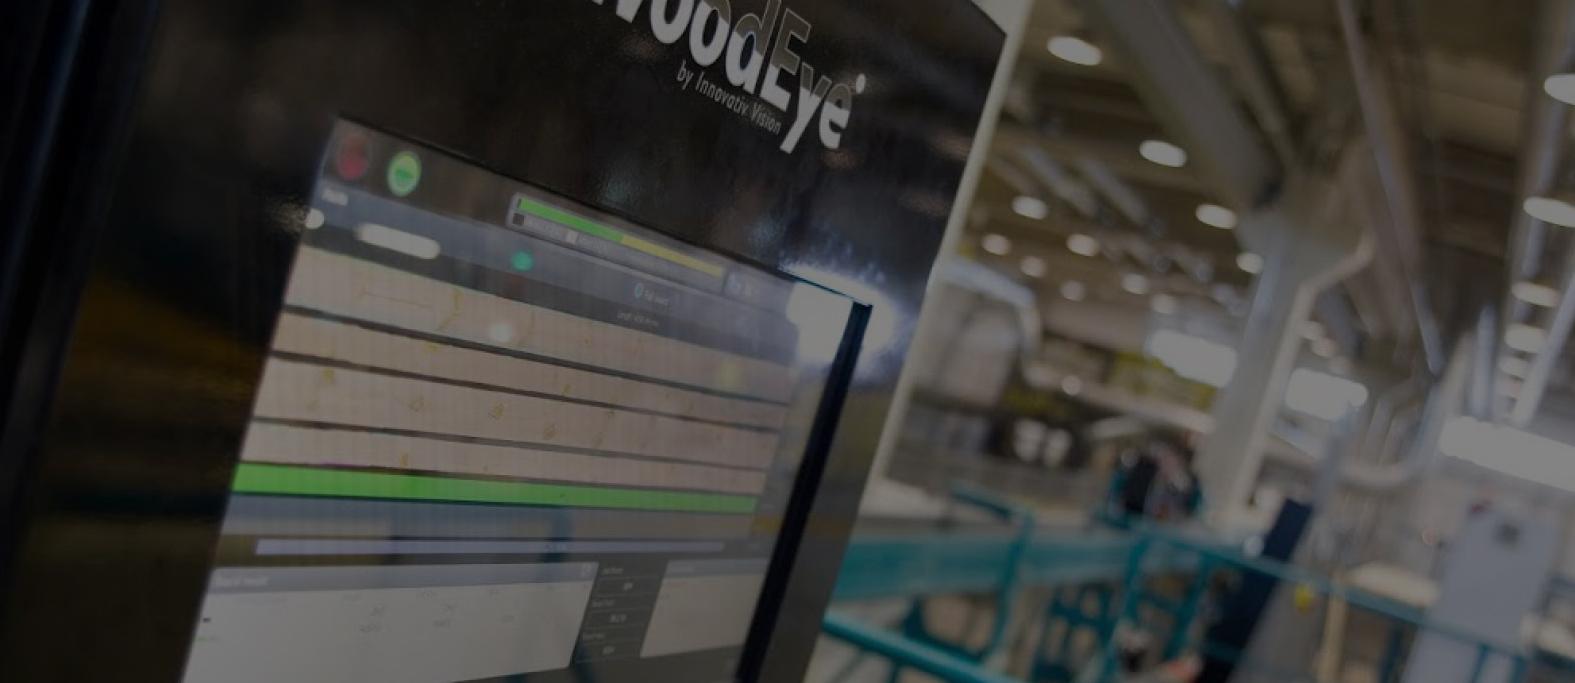 Завод HONKA в Карстуле лидирует по объёму финансовых средств, вложенных в высокотехнологичное оборудование